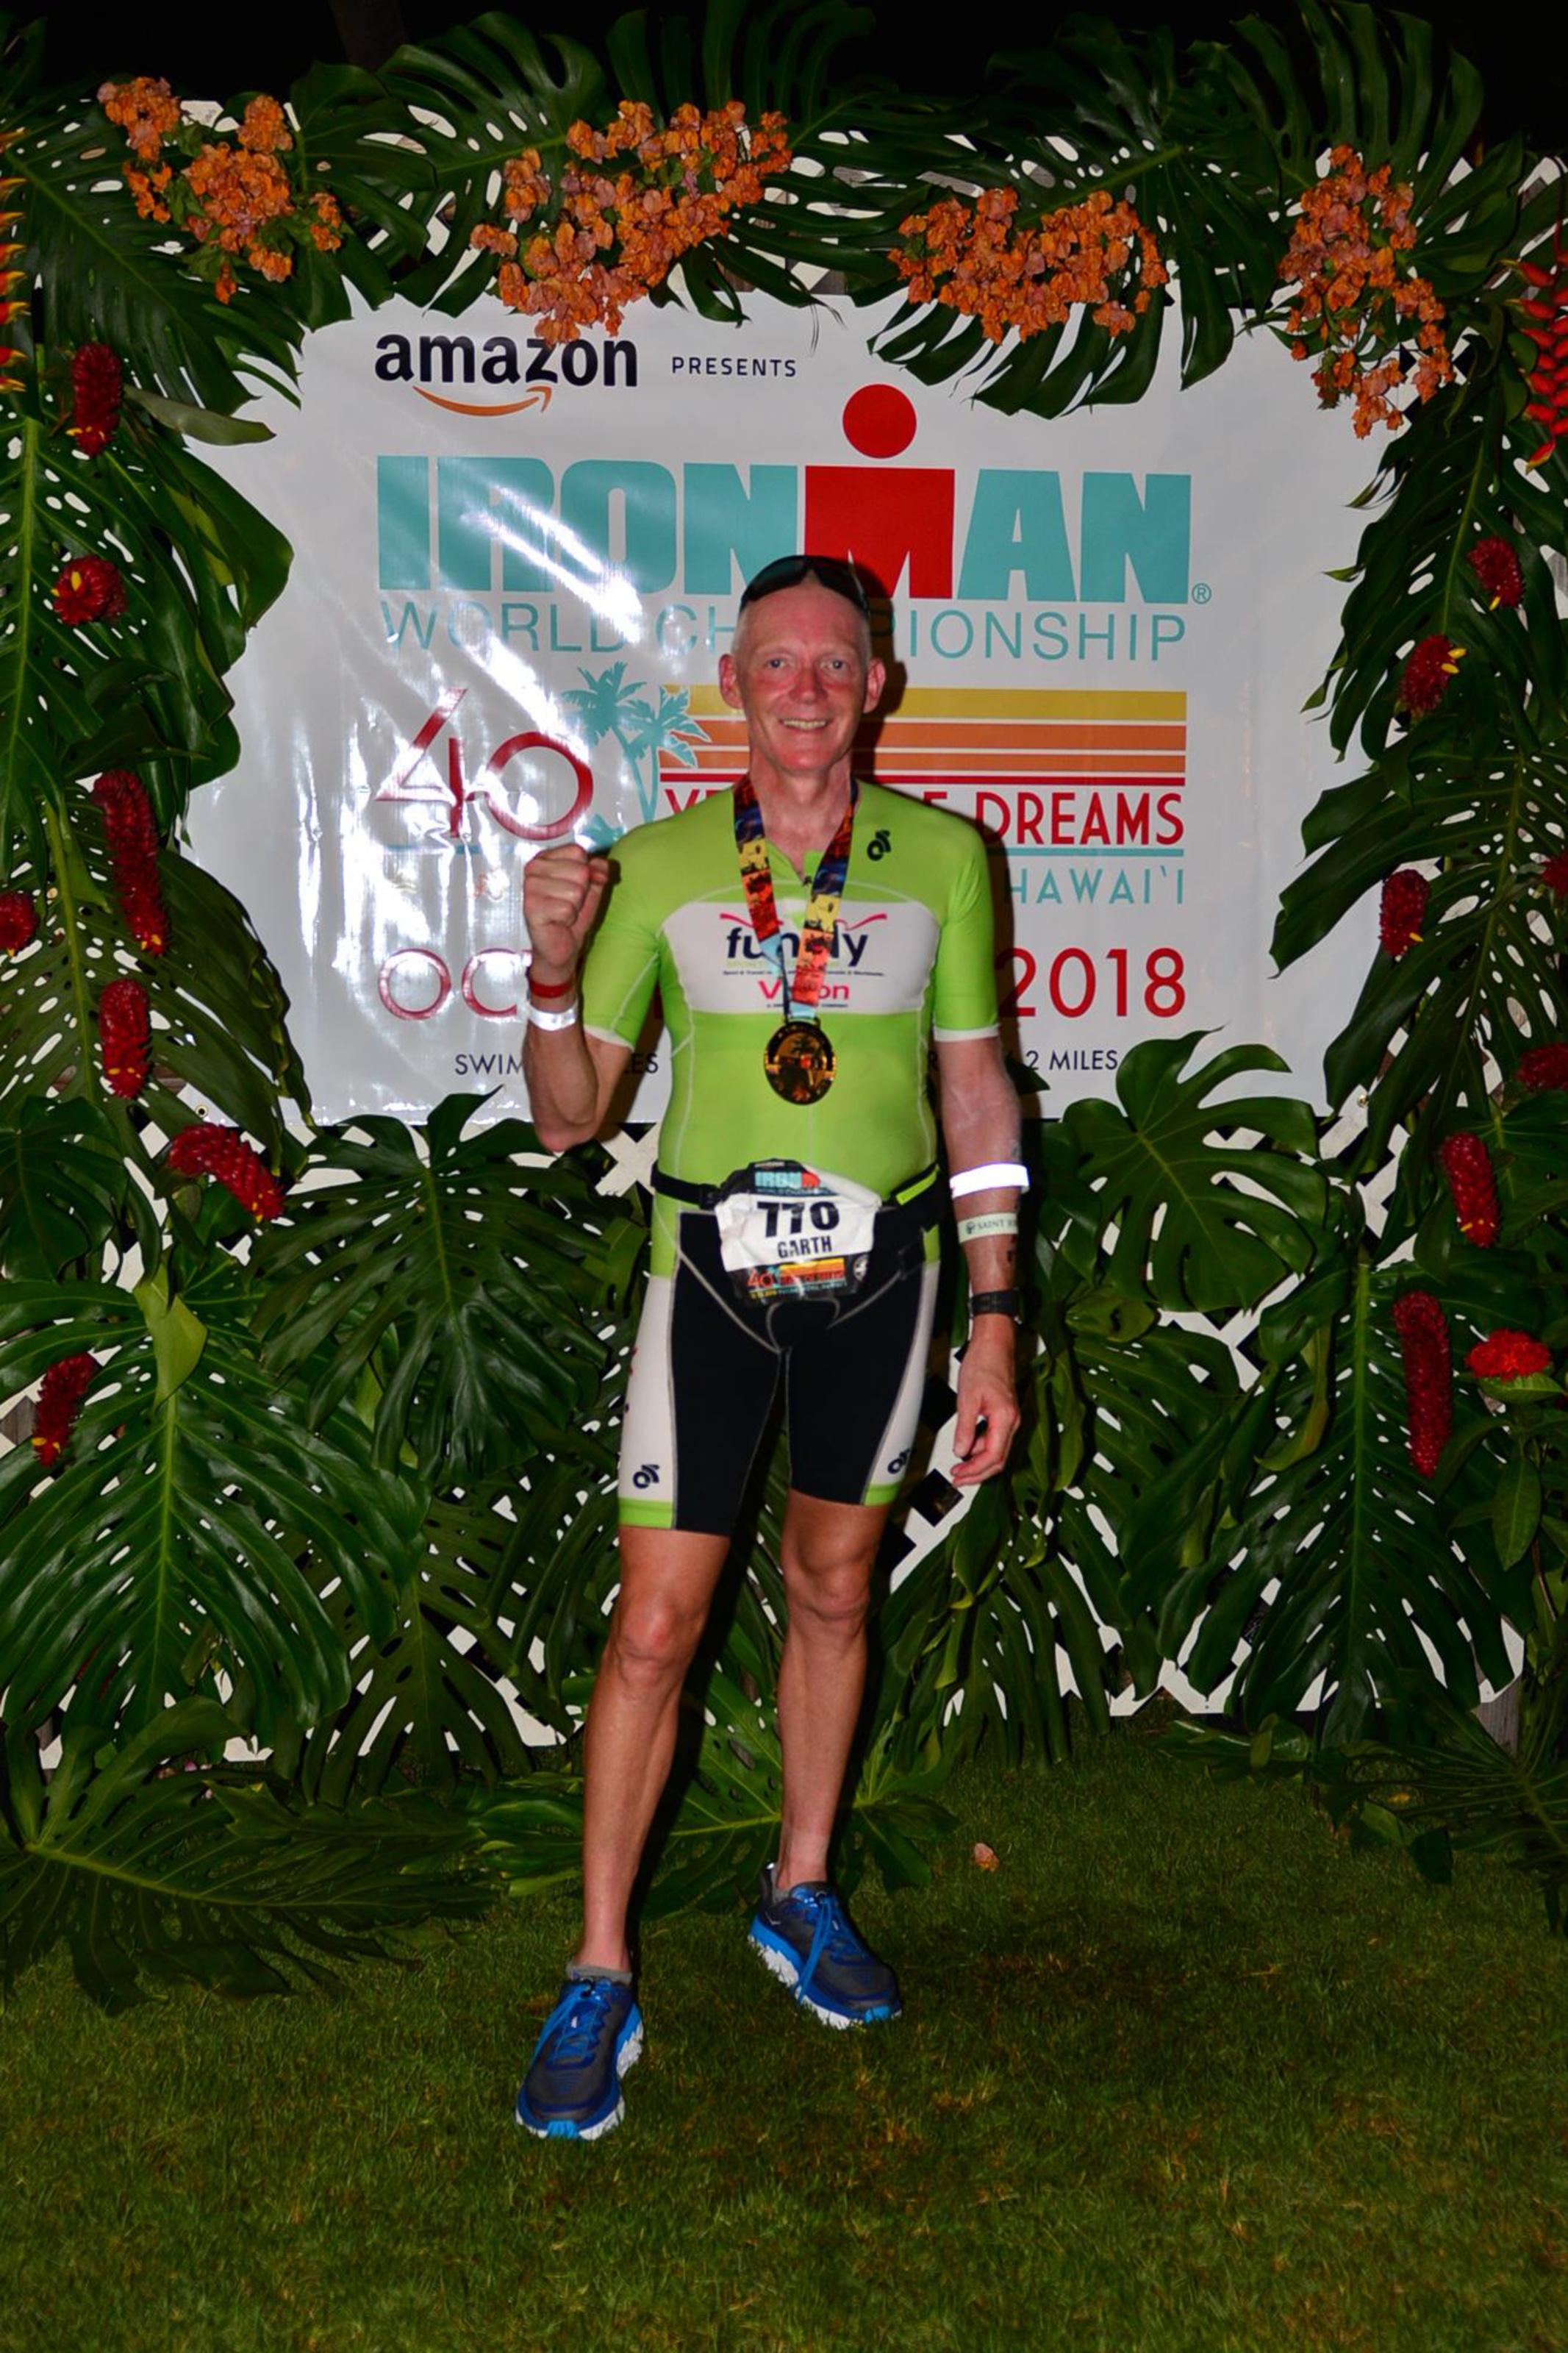 2018 Hawaii Ironman